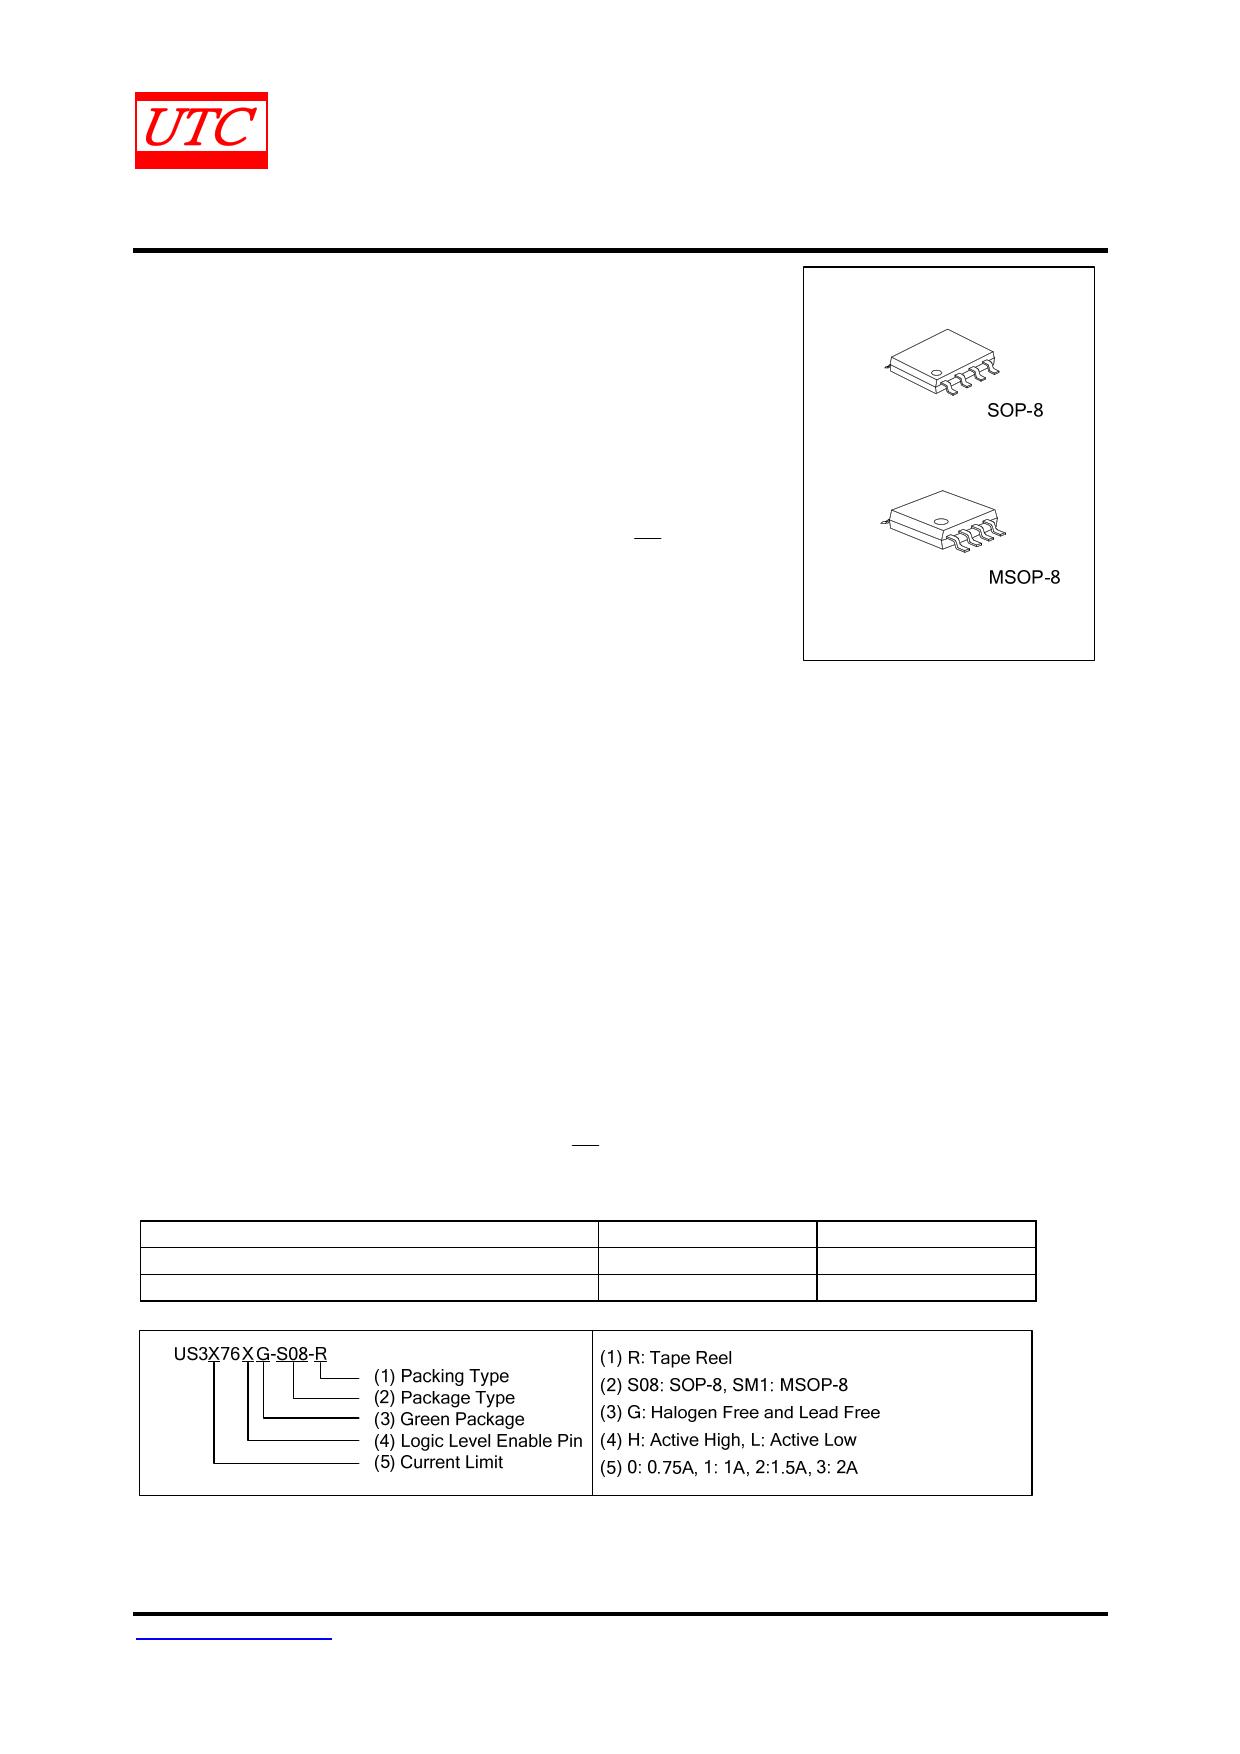 US3376 datasheet